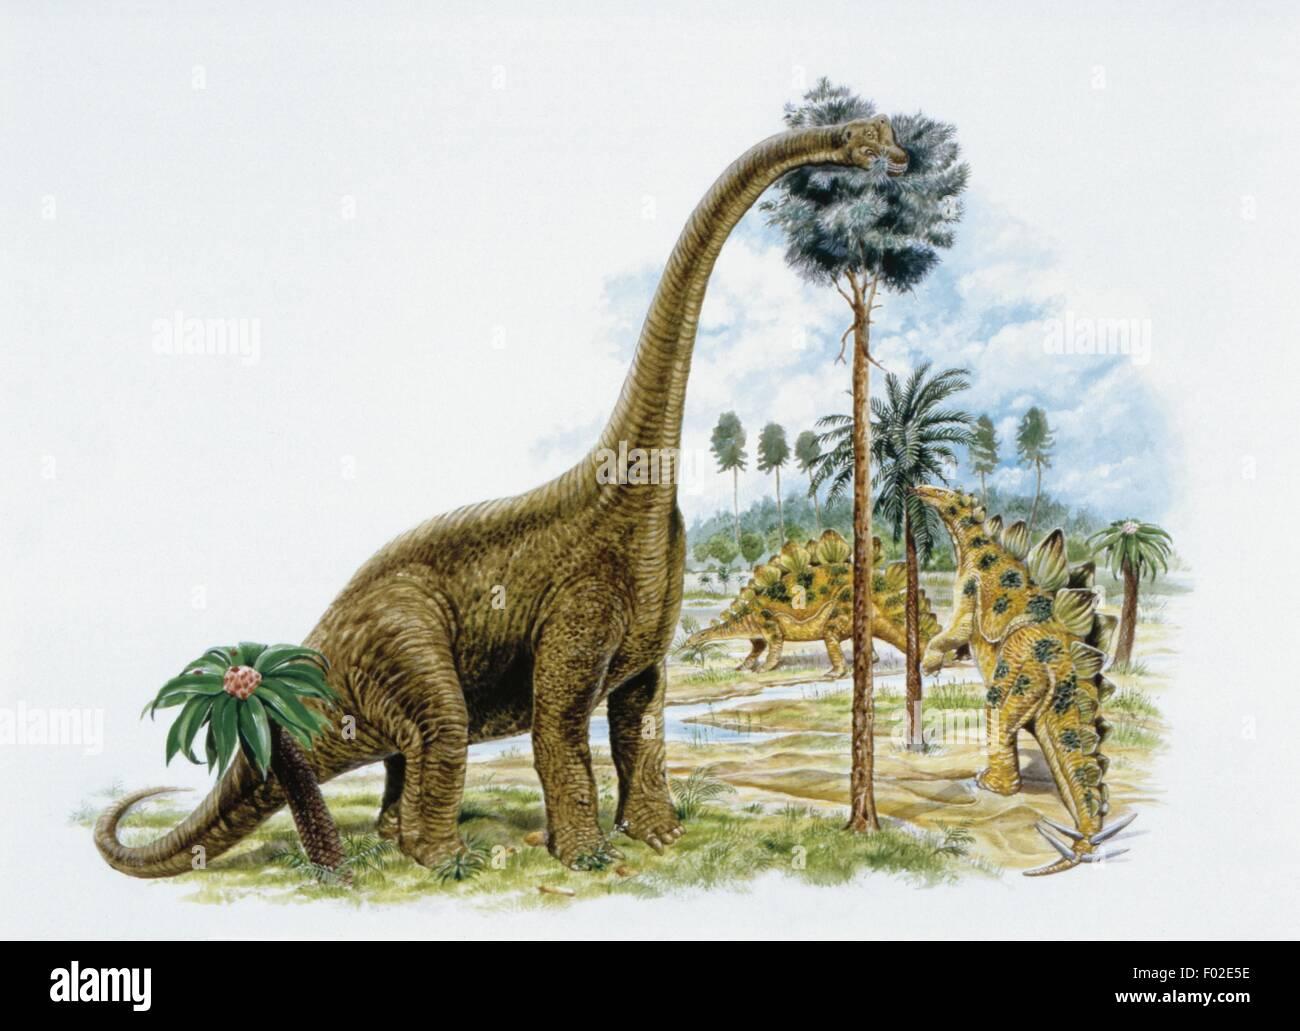 Paleozoología - período Jurásico - Dinosaurios - Obras de Arte Imagen De Stock